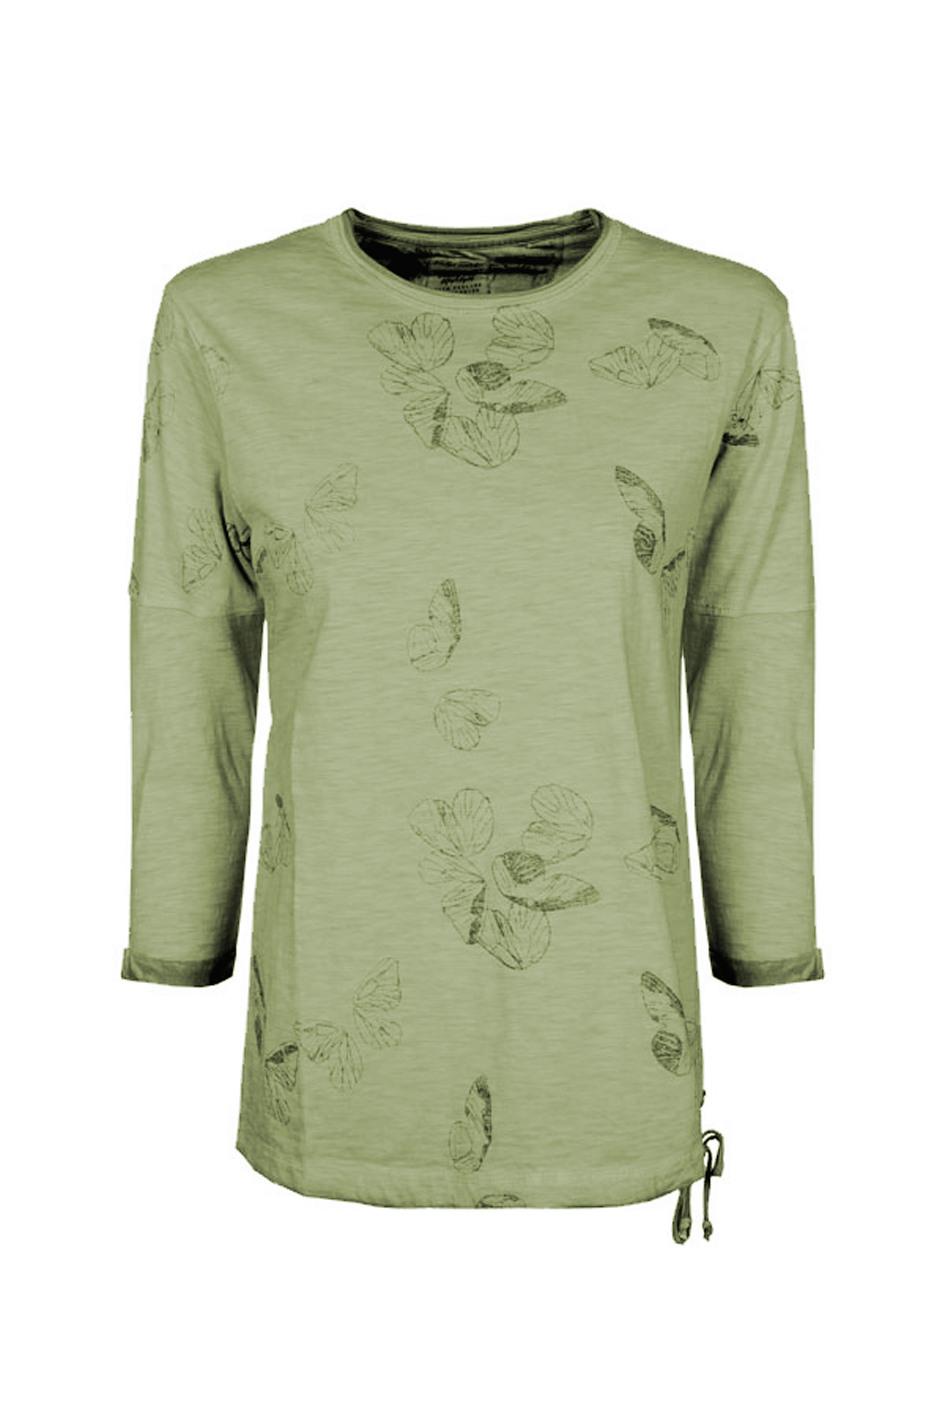 Soquesto Mode Im Online Shop Von Jeanswelt Kaufen